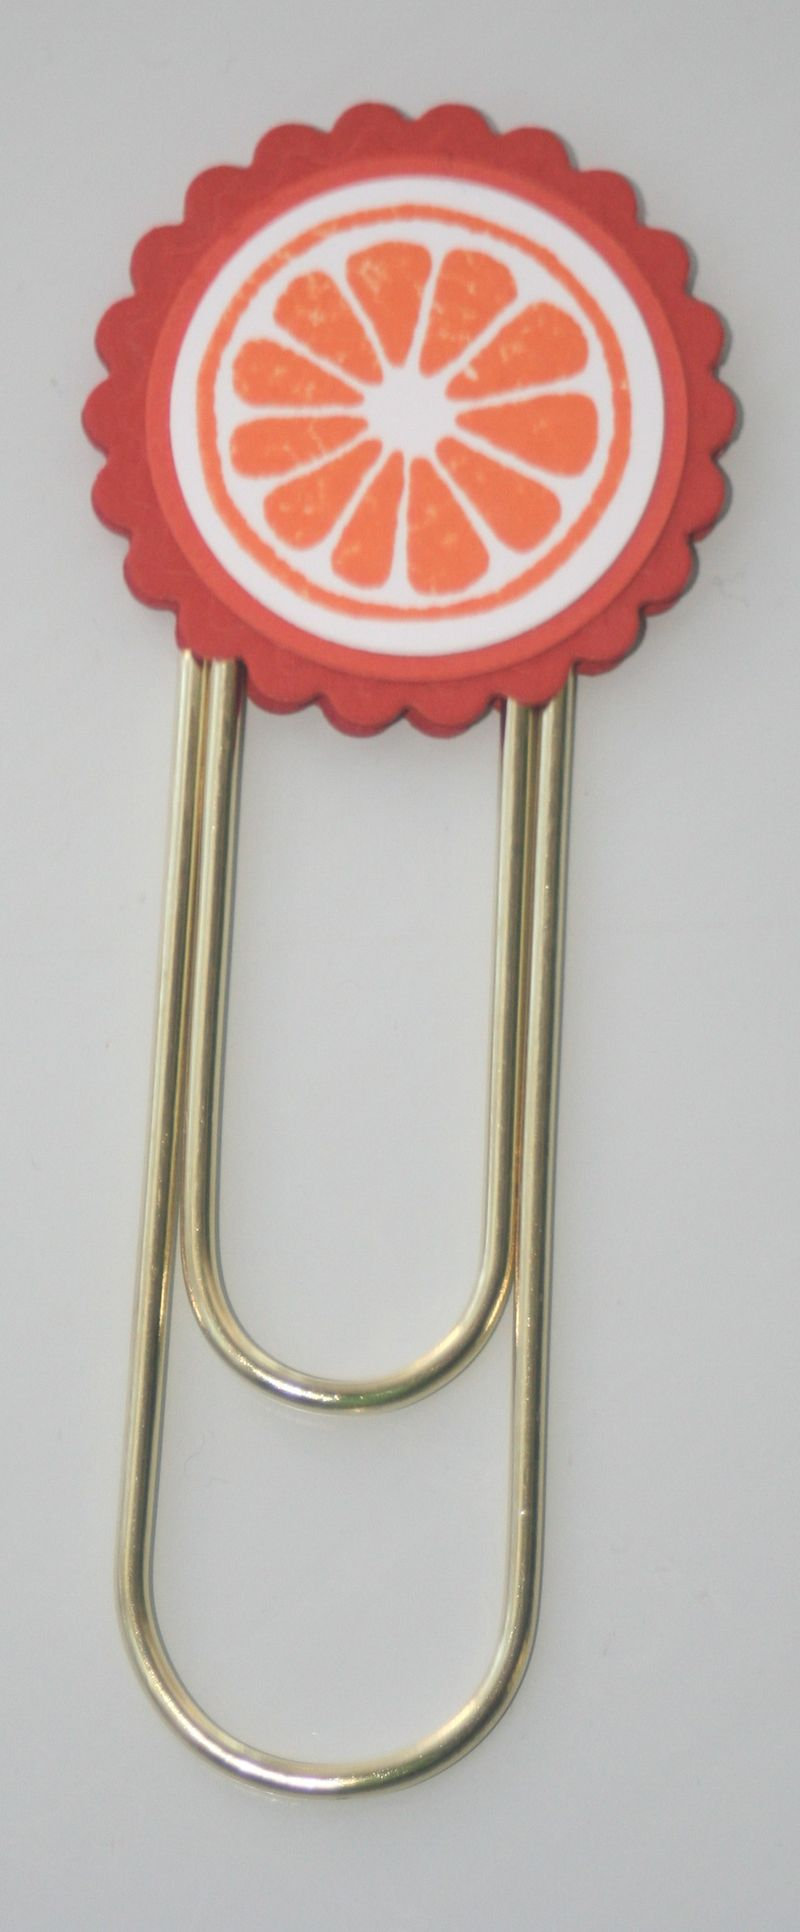 Clip bookmark orange